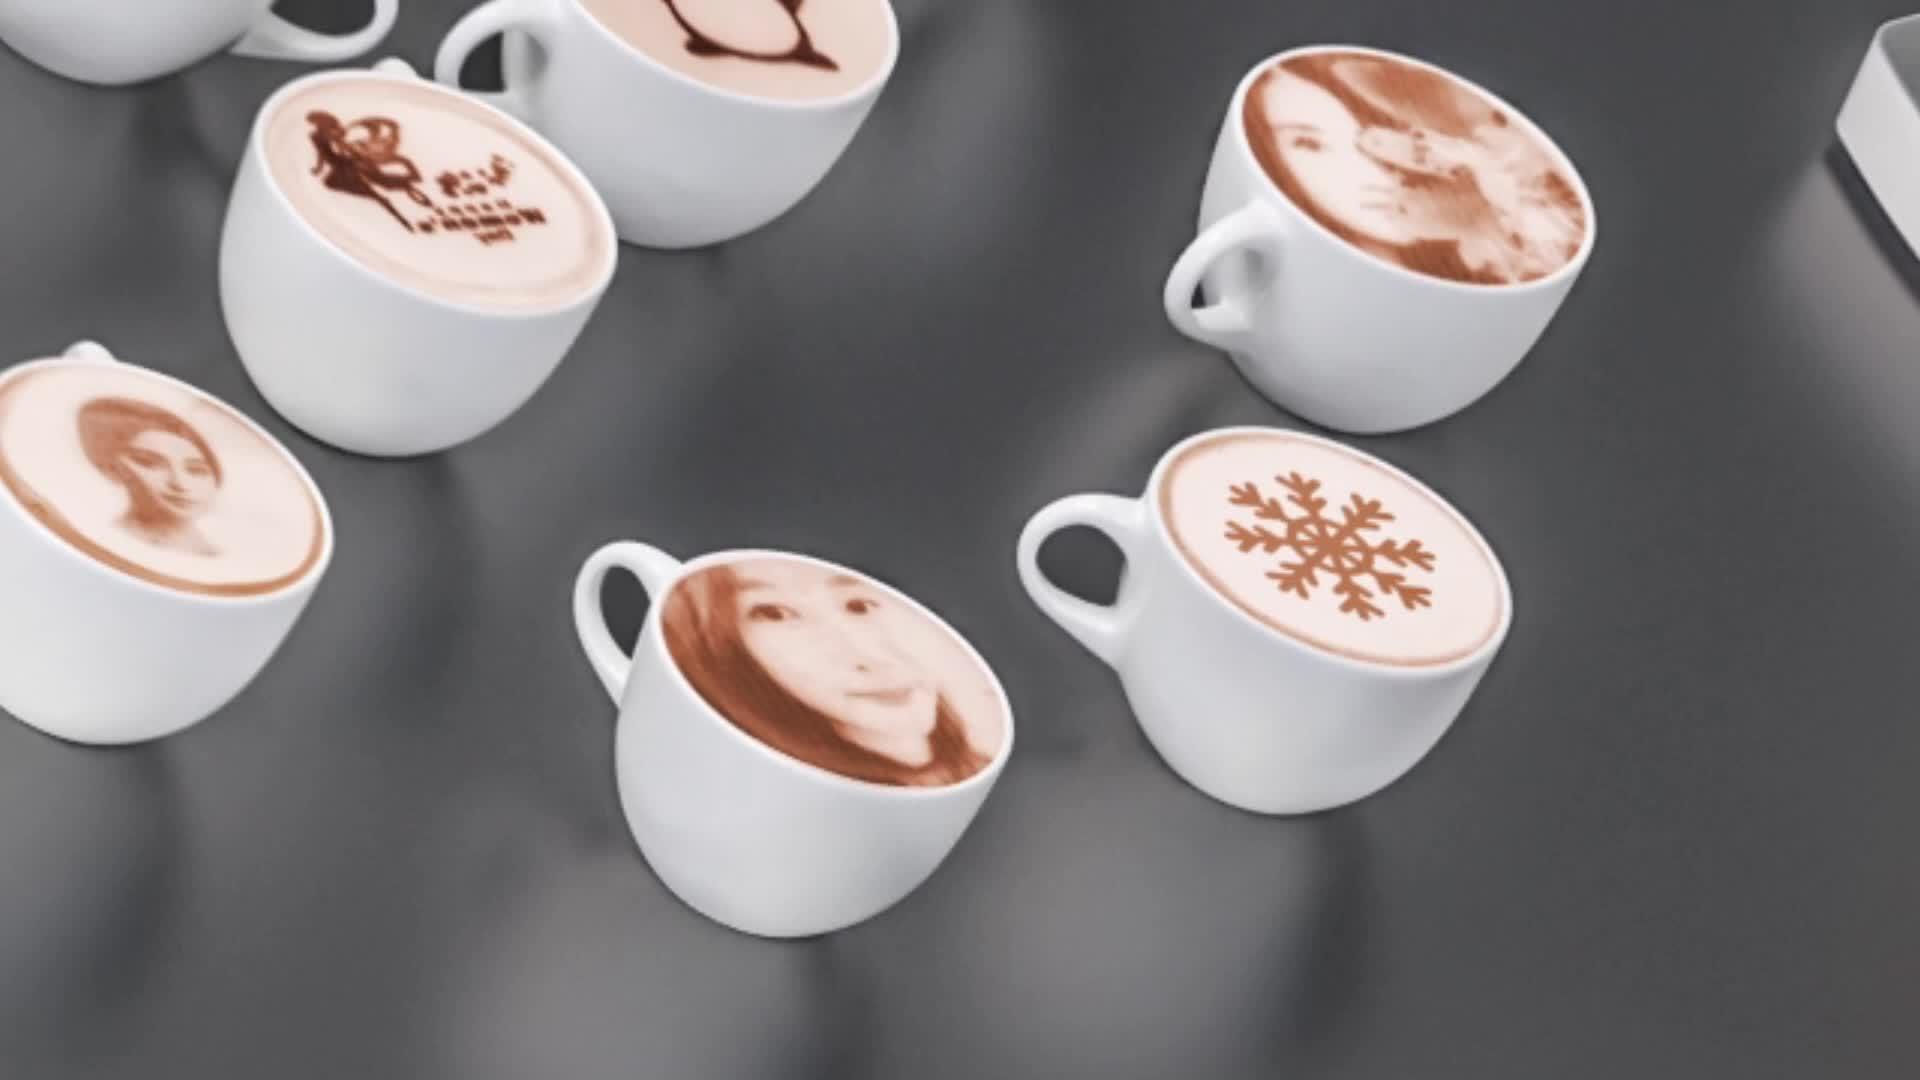 มืออาชีพราคาถูกเอดดัลไวส์ภาพ 3D อาหารเครื่องดื่มช็อกโกแลต LATTE Art Drawing กาแฟเครื่องพิมพ์สำหรับเค้กขาย